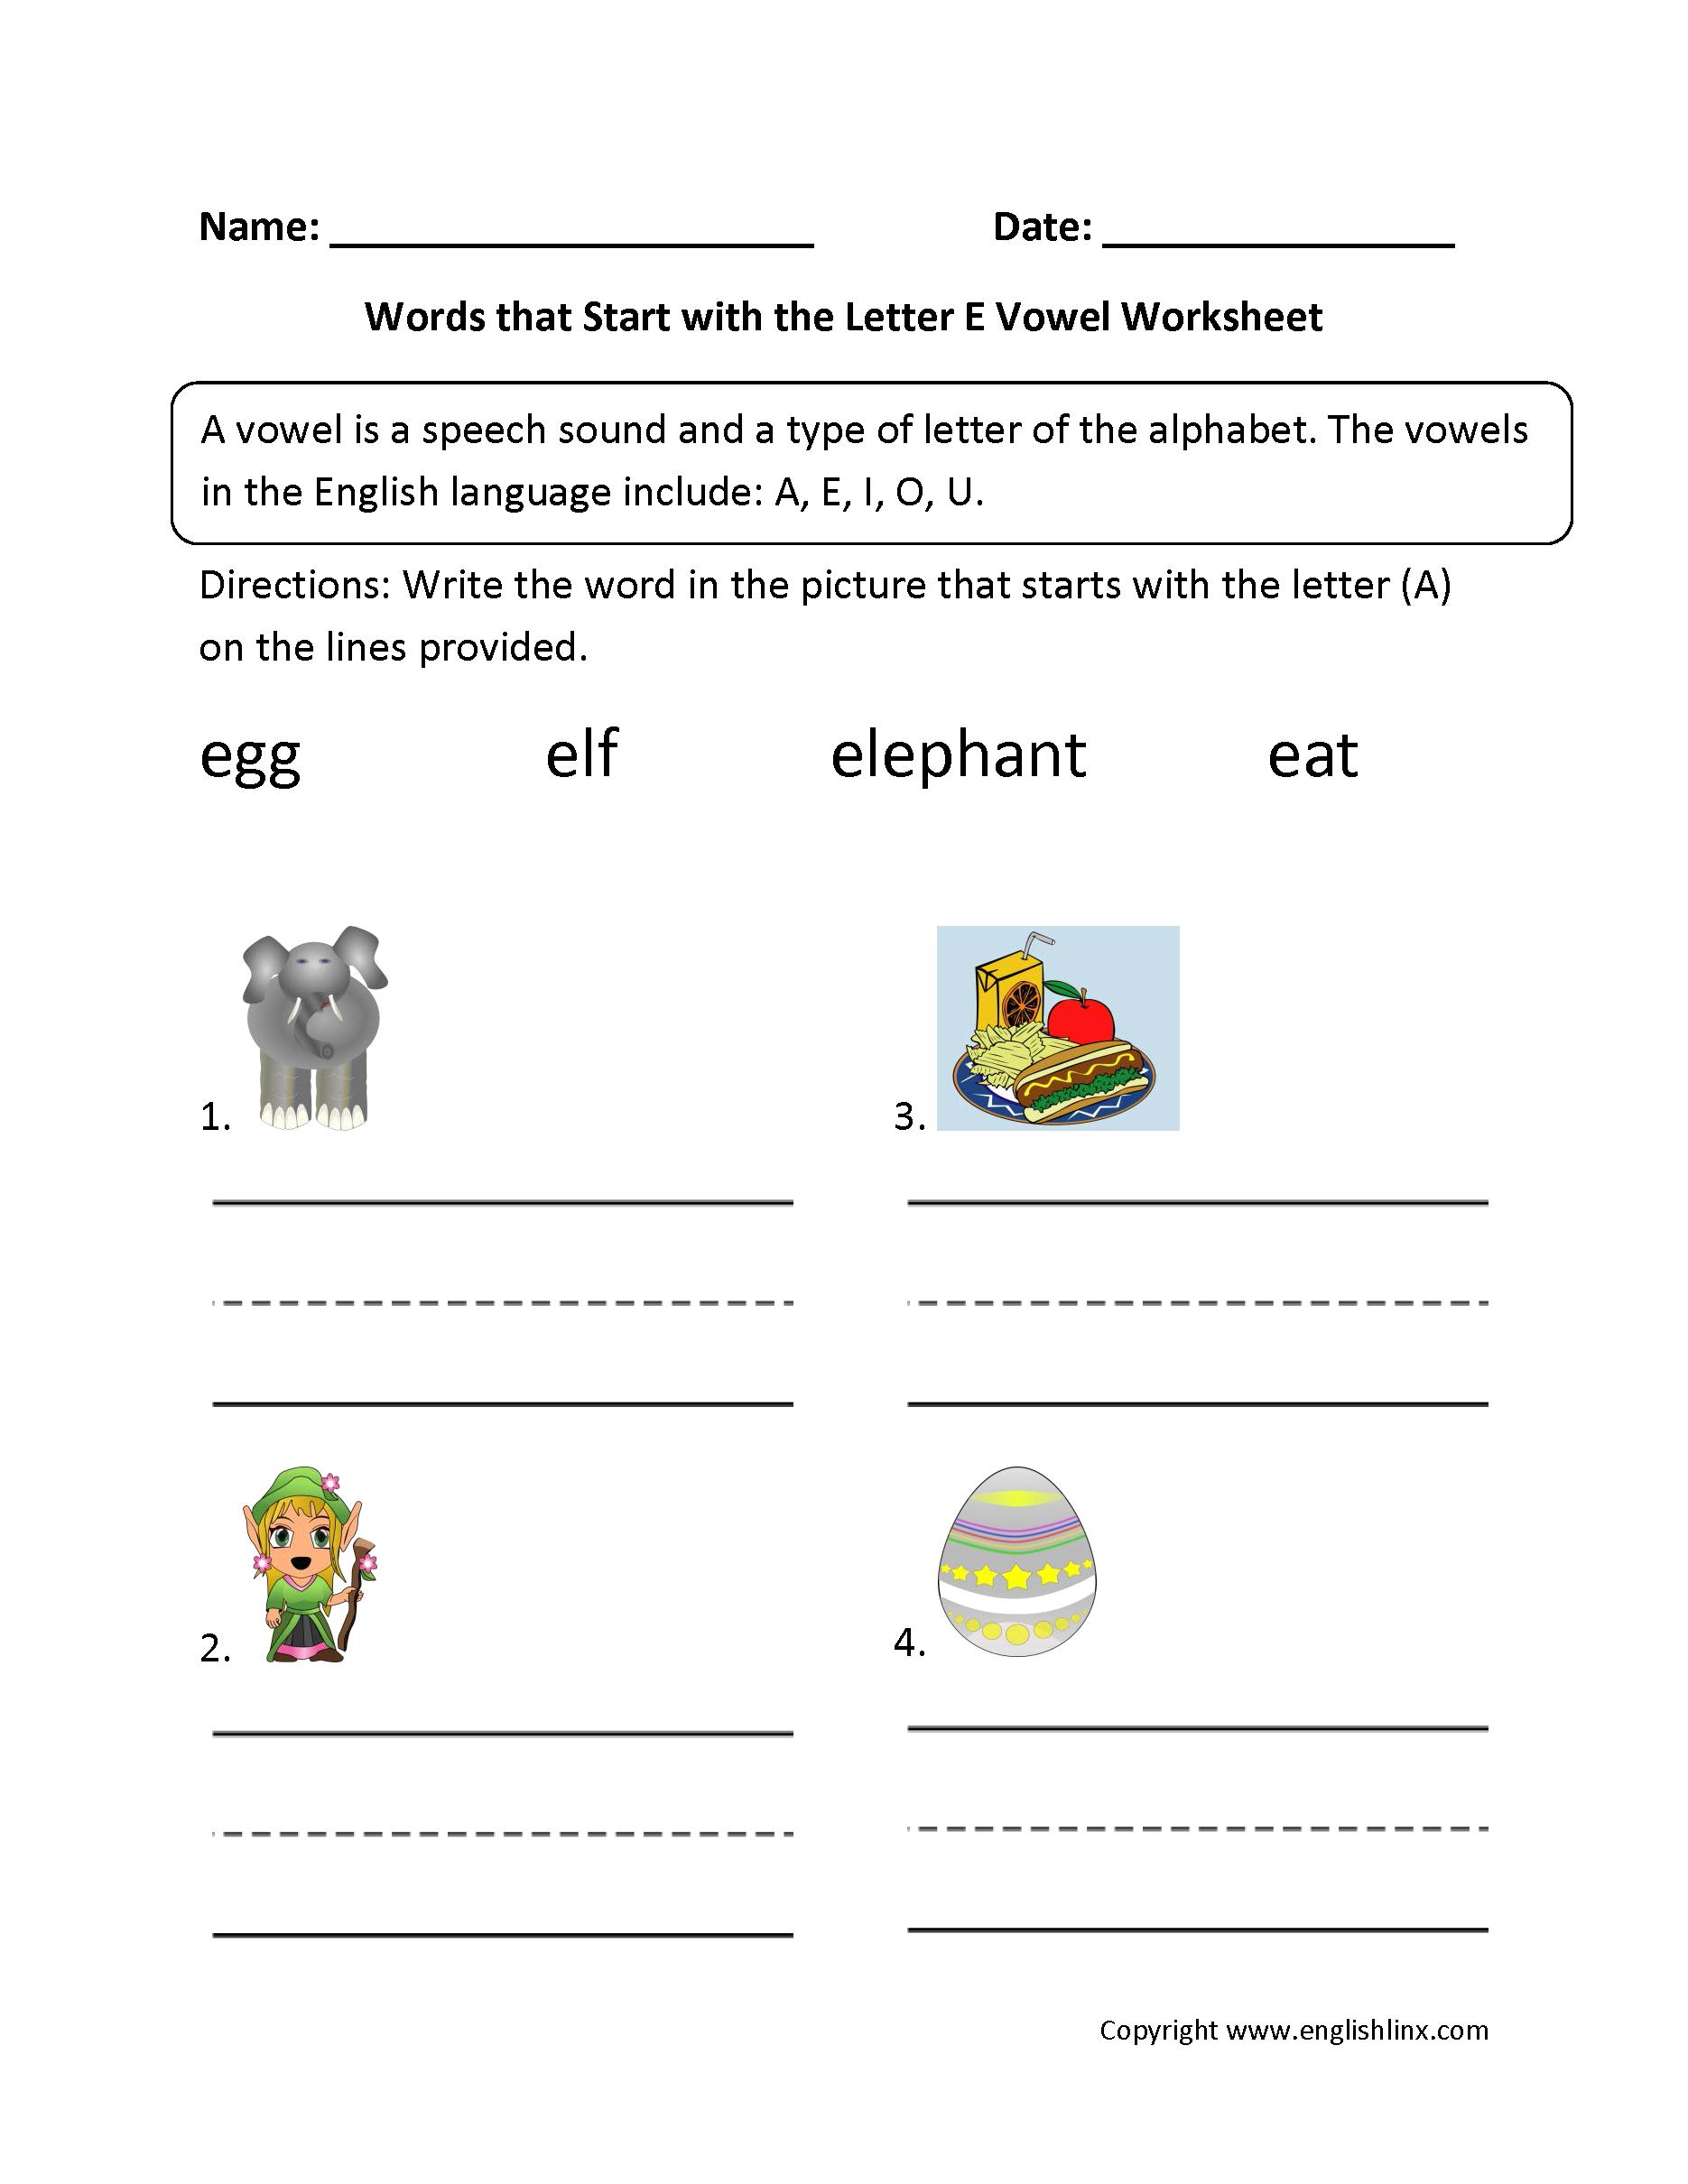 words start letter e vowel worksheets board vowel worksheets phonics. Black Bedroom Furniture Sets. Home Design Ideas